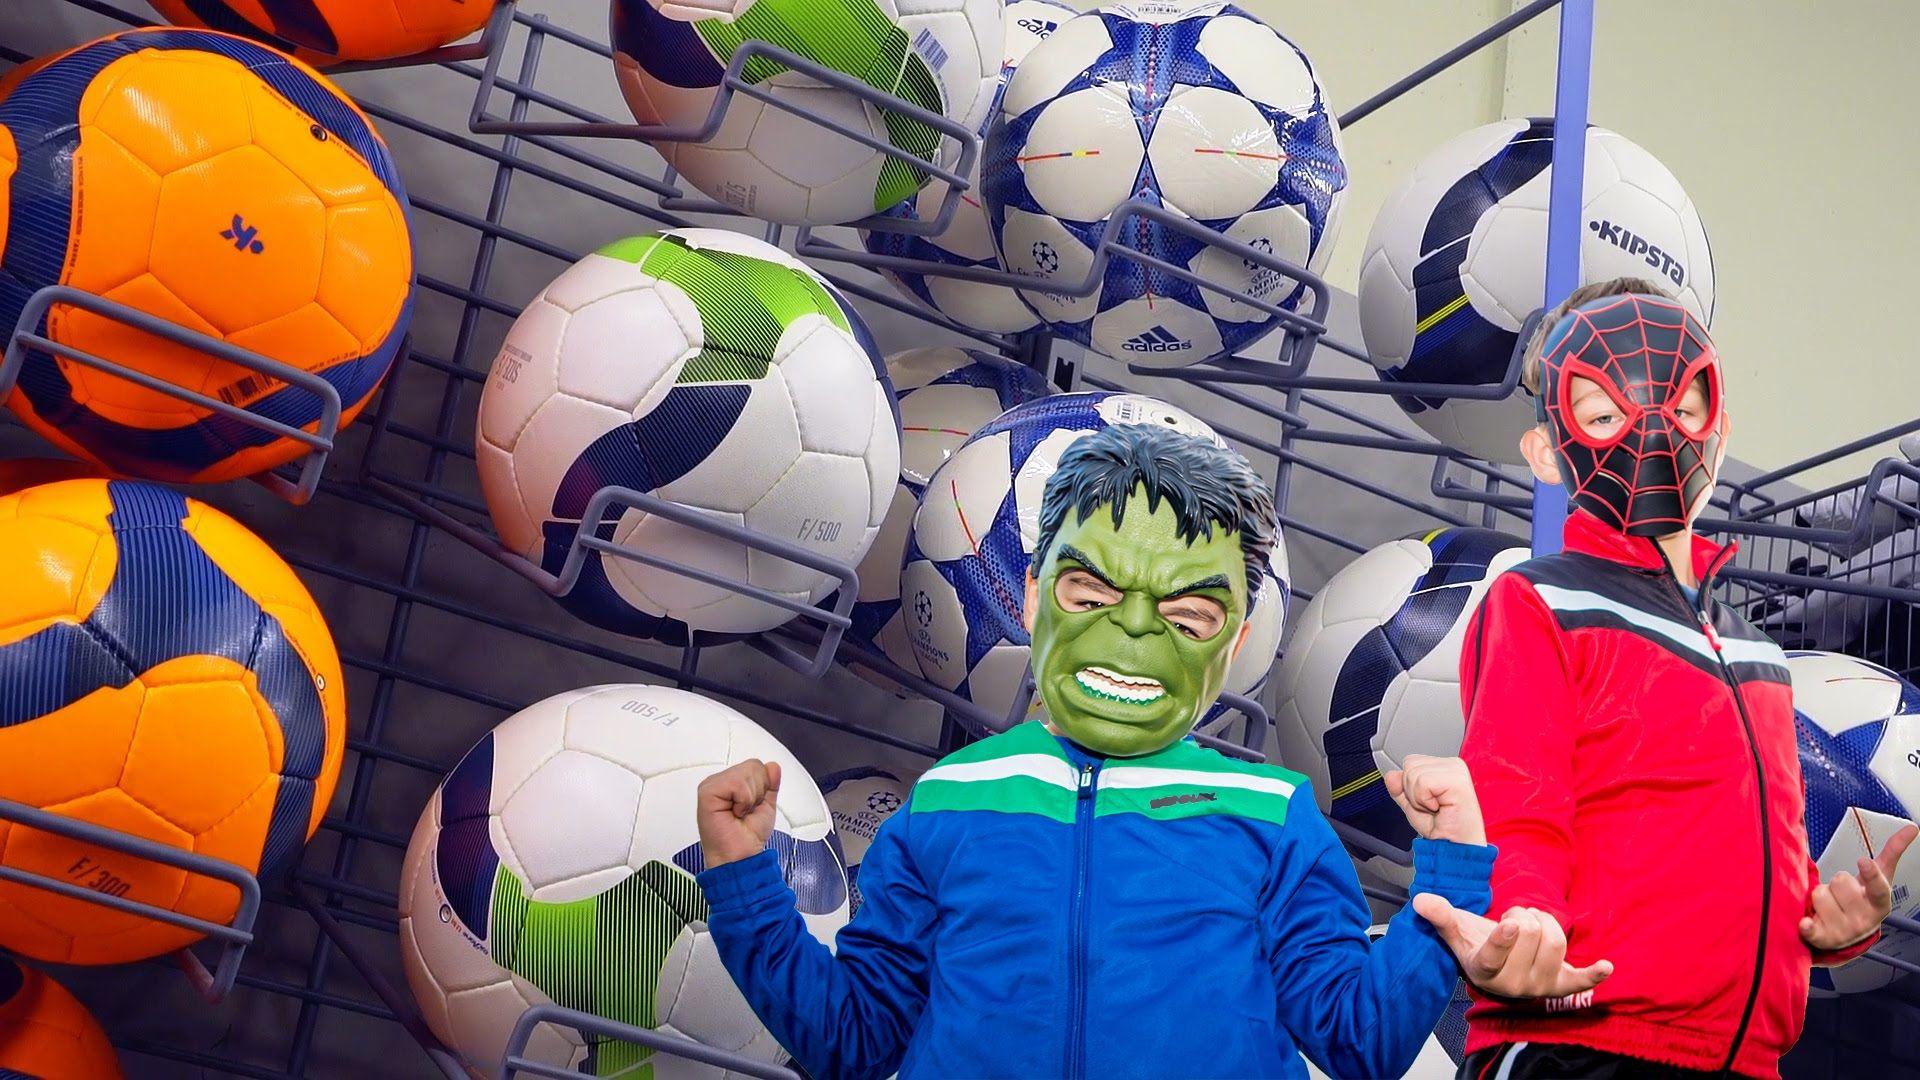 Человек Паук и Мини Халк в спортивном магазине